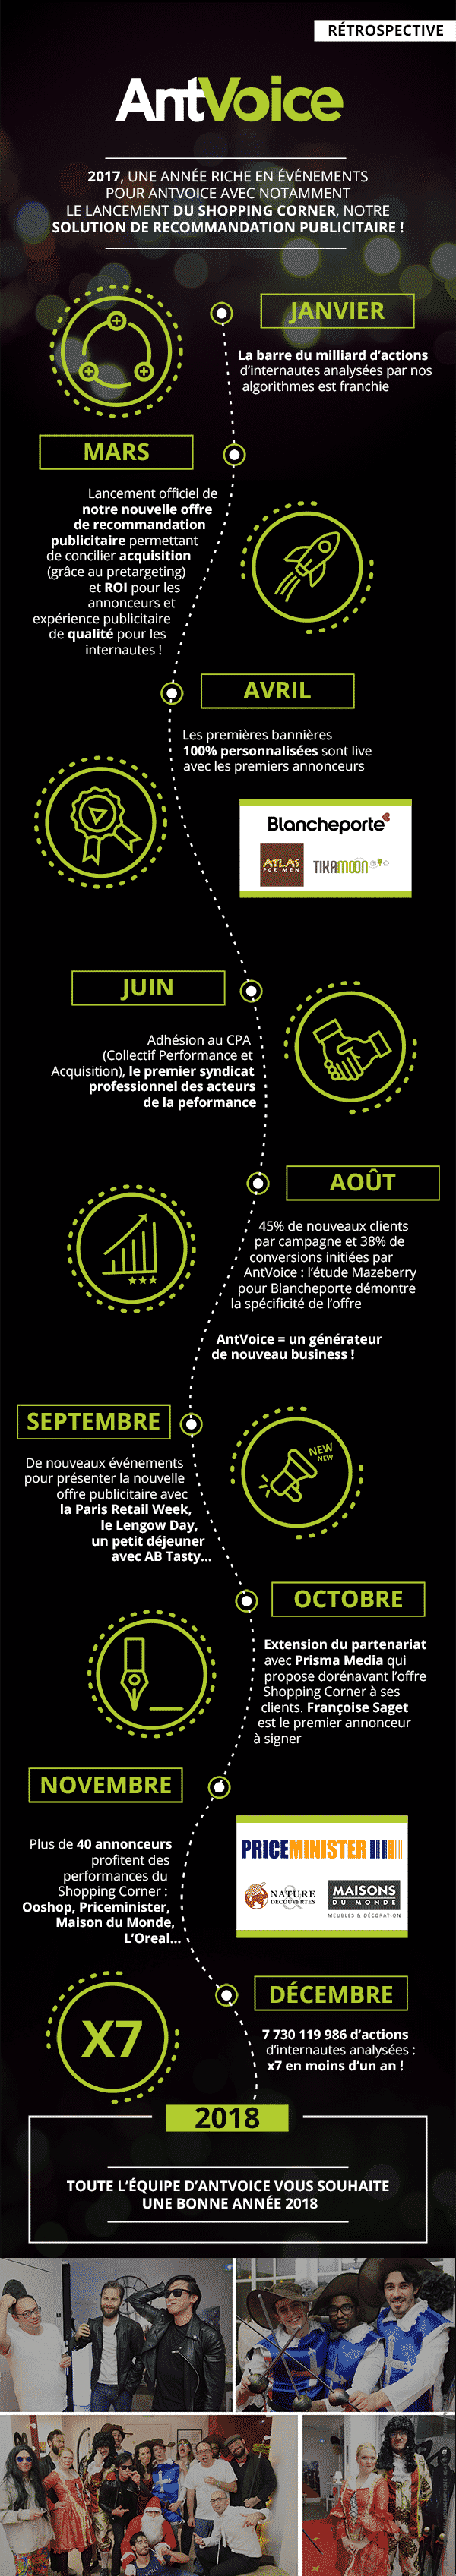 Inforgraphie Restropetive de l'année 2017 d'AntVoice